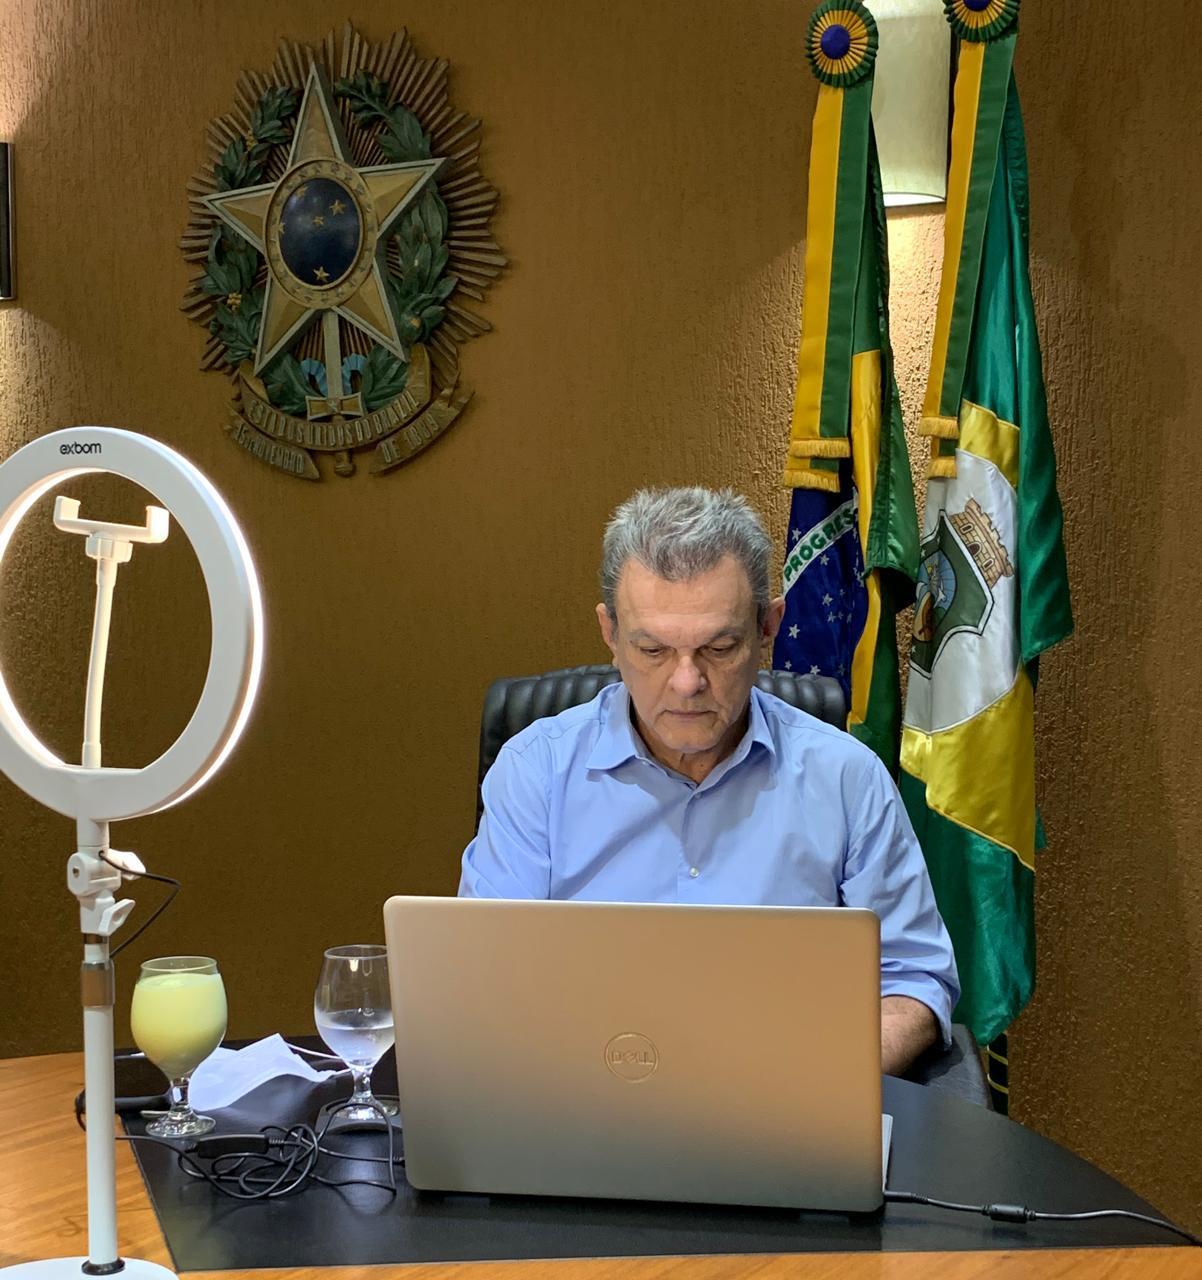 Sarto destaca atuação da Assembleia no combate à pandemia em evento para gestores públicos